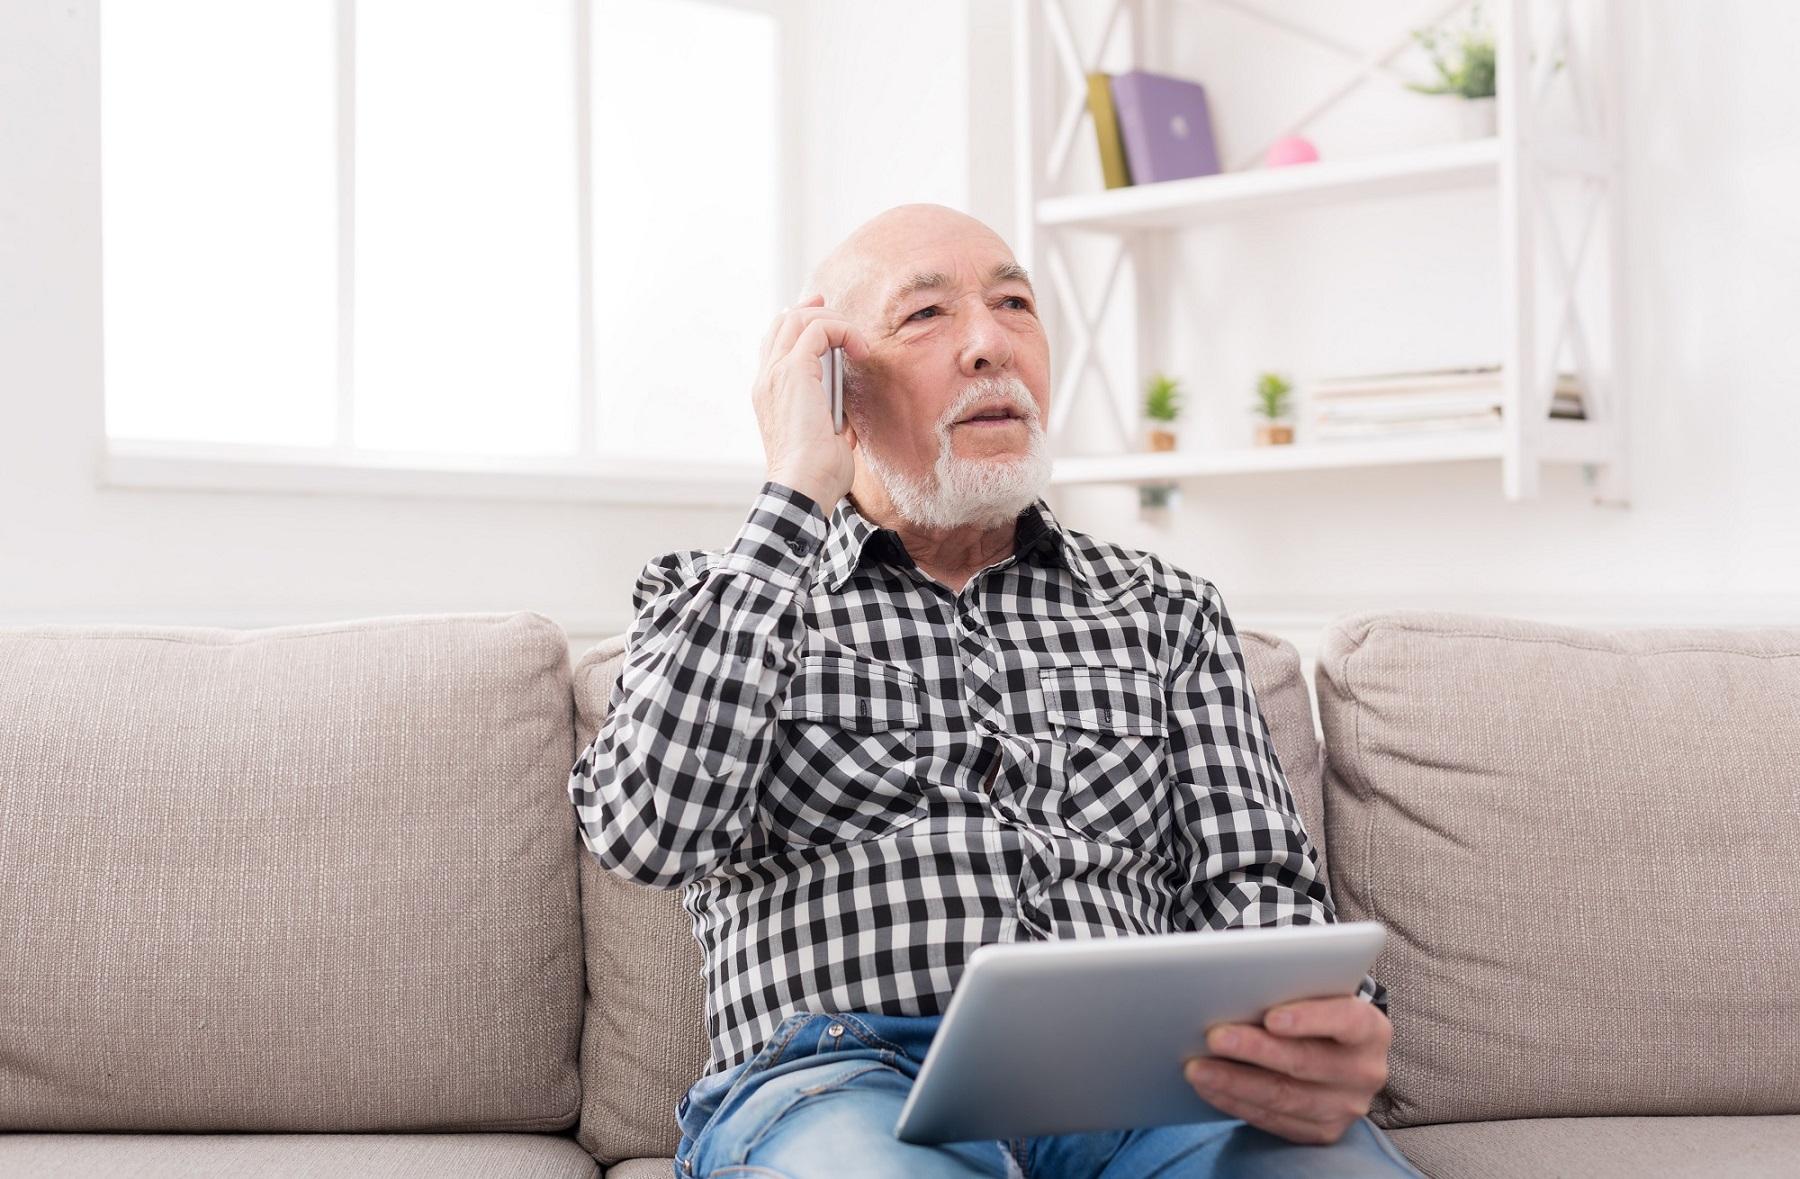 Covid-19 : appliquer des solutions innovantes pour rompre l'isolement des seniors